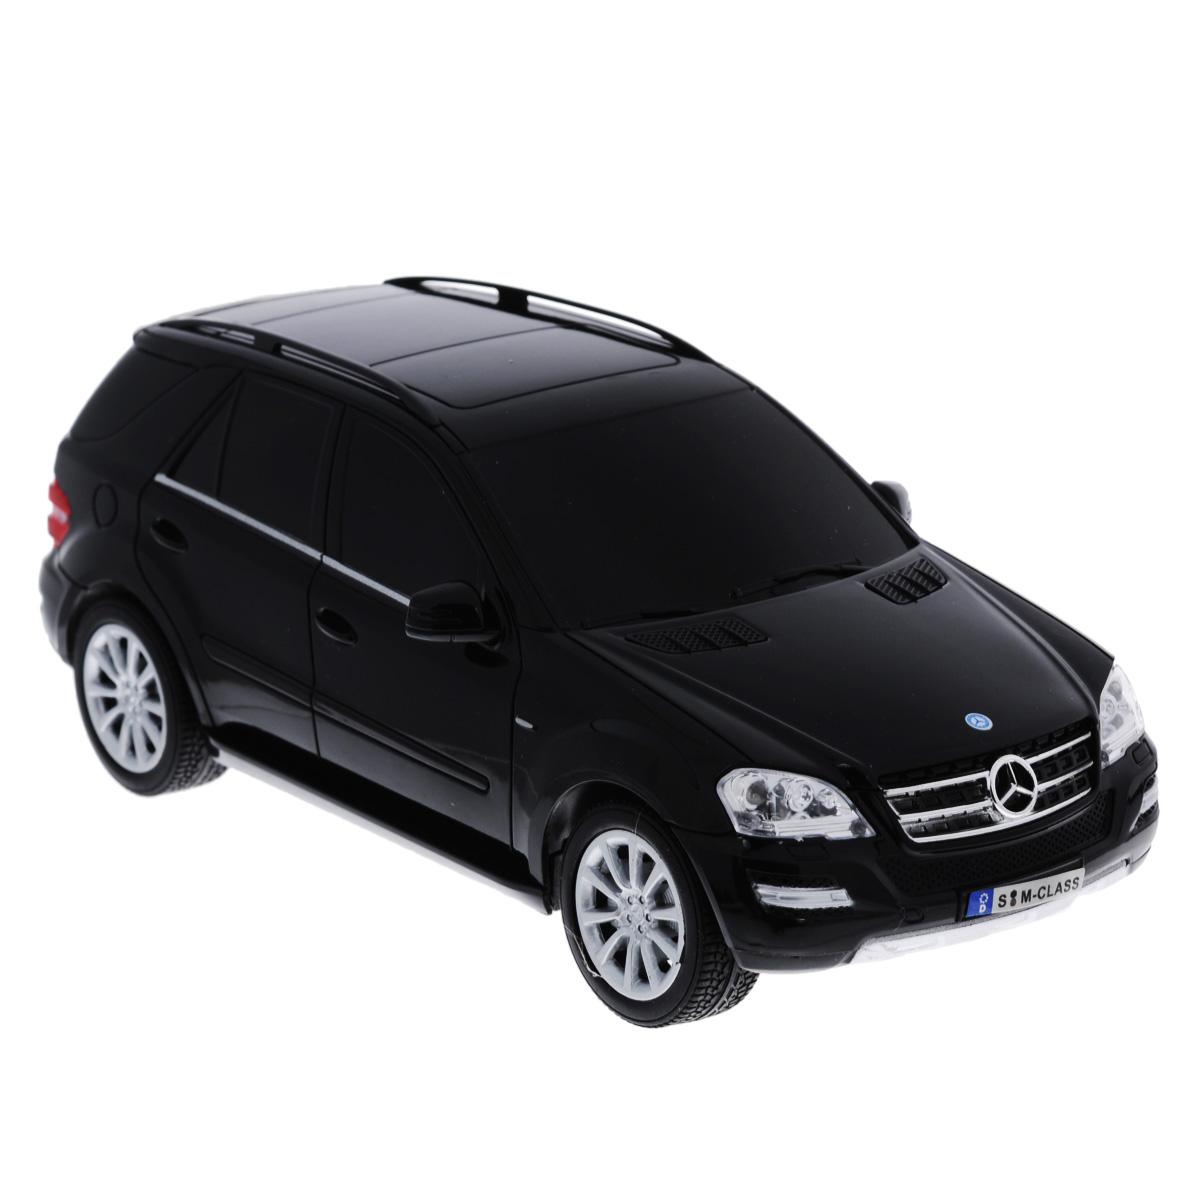 """Все мальчишки любят мощные крутые тачки! Особенно если это дорогие машины известной марки, которые, проезжая по улице, обращают на себя восторженные взгляды пешеходов. Радиоуправляемая модель TopGear """"Mercedes-Benz M350"""" - это детальная копия существующего автомобиля в масштабе 1:18. Машинка изготовлена из прочного легкого пластика; колеса прорезинены. При движении передние и задние фары машины светятся. При помощи пульта управления автомобиль может перемещаться вперед, дает задний ход, поворачивает влево и вправо, останавливается. Встроенные амортизаторы обеспечивают комфортное движение. В комплект входят машинка и пульт управления. Автомобиль отличается потрясающей маневренностью и динамикой. Ваш ребенок часами будет играть с моделью, устраивая захватывающие гонки. Машина работает от сменного аккумулятора (входит в комплект). Для работы пульта управления необходимо докупить 2 батарейки типа АА (товар комплектуется демонстрационными)."""